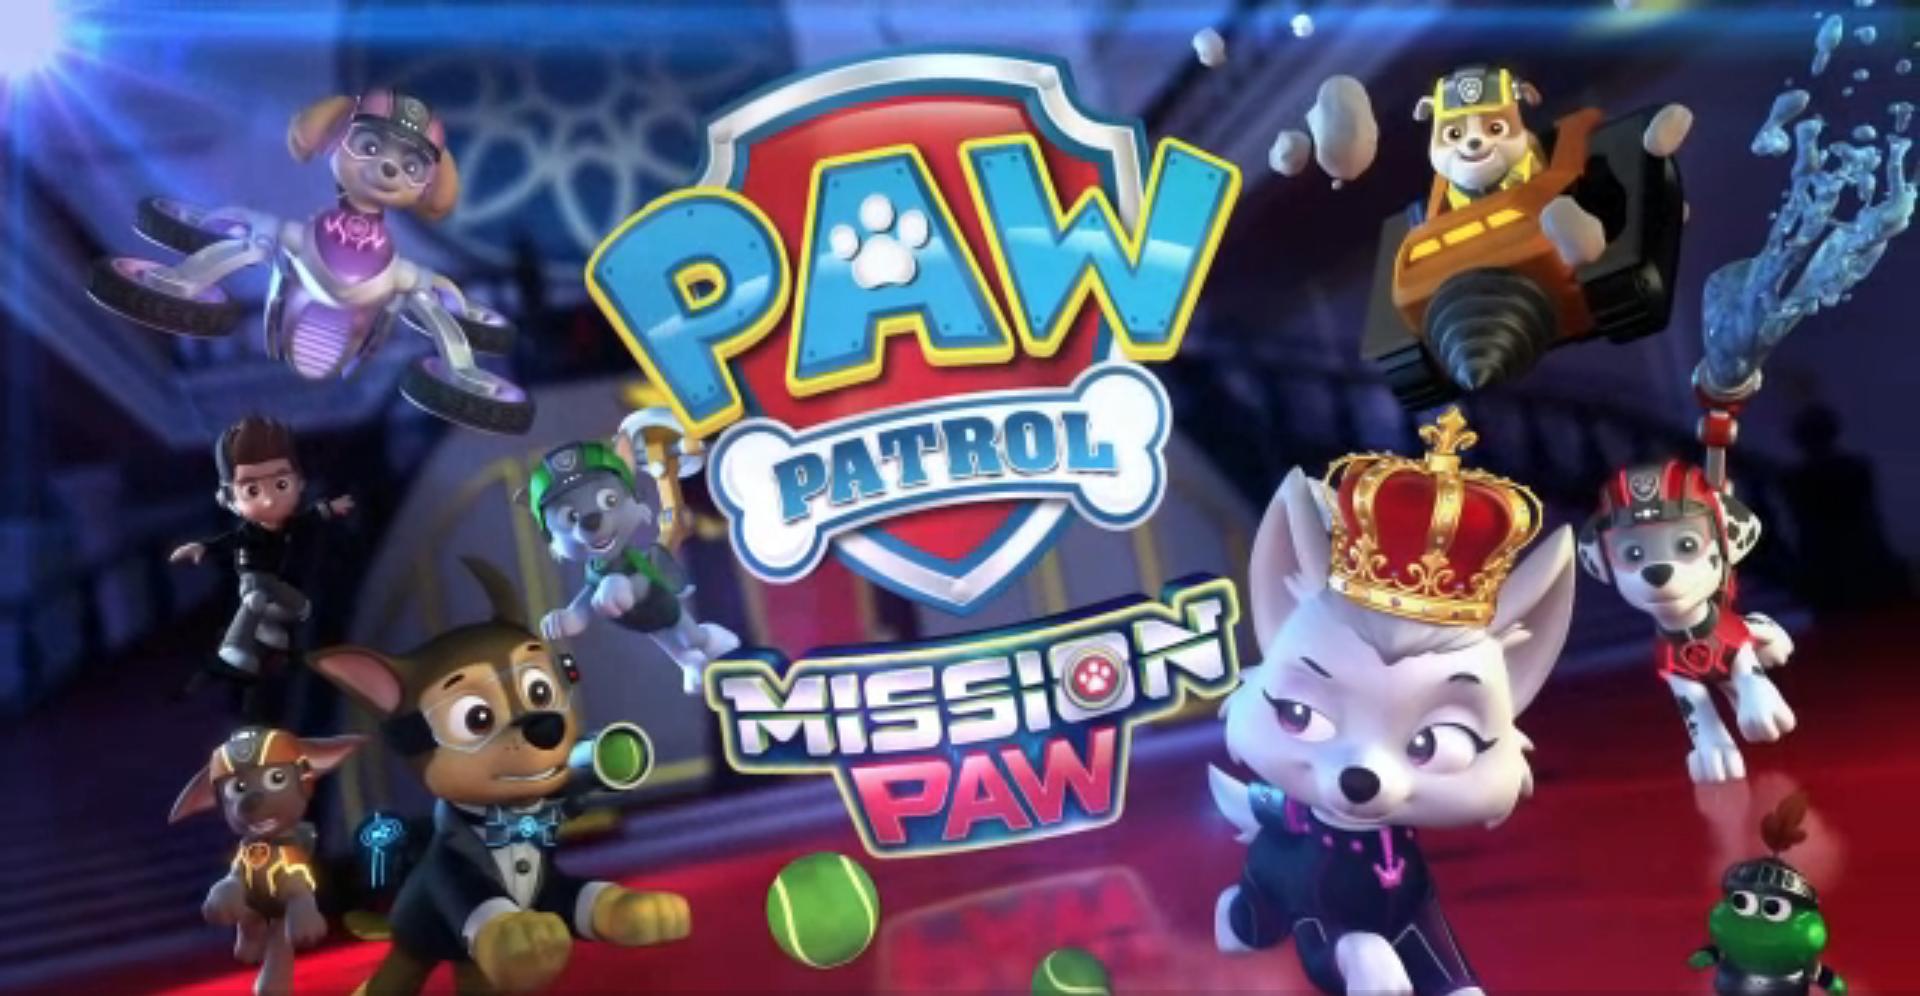 Sweetie Gallery Paw Patrol Wiki Fandom Powered By Wikia